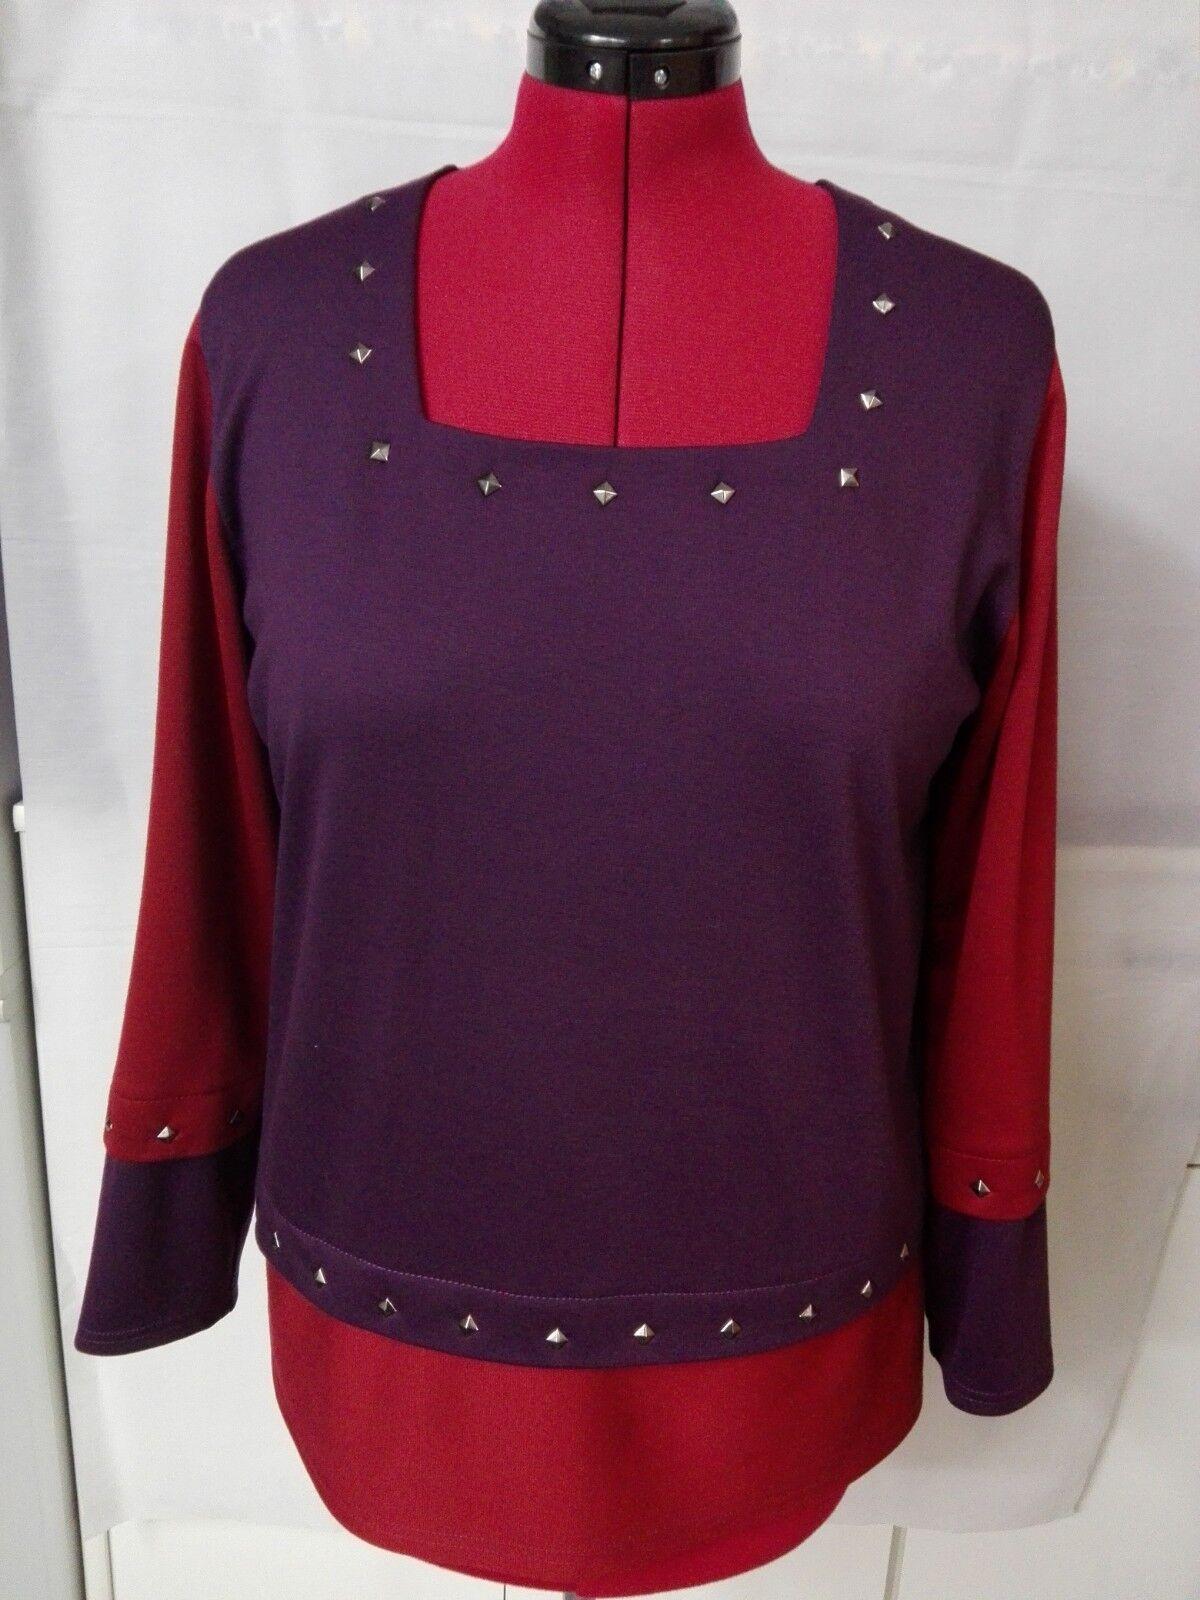 Damen Shirt Jersey Shirt Lang Ärmel lGr.46-48